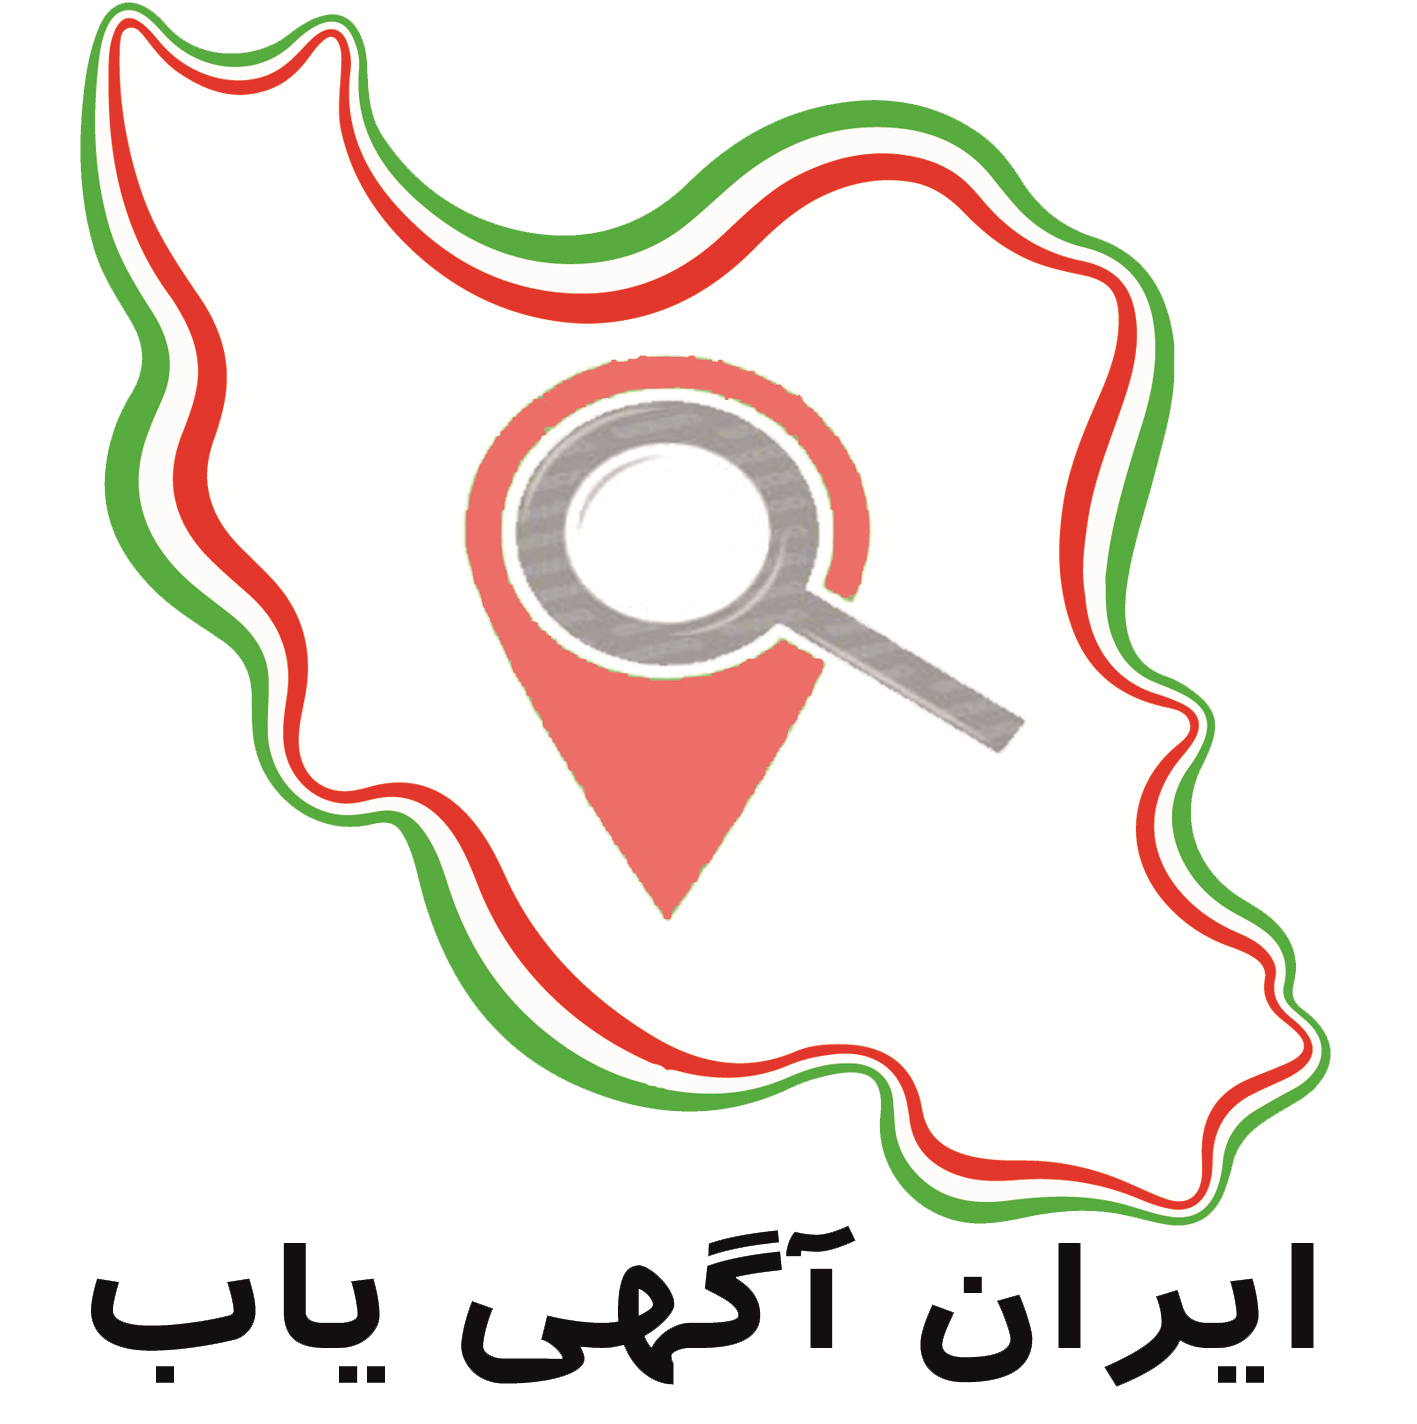 کارگاه آموزشی خاتون زردوز و زرنگار ایران در مشهد